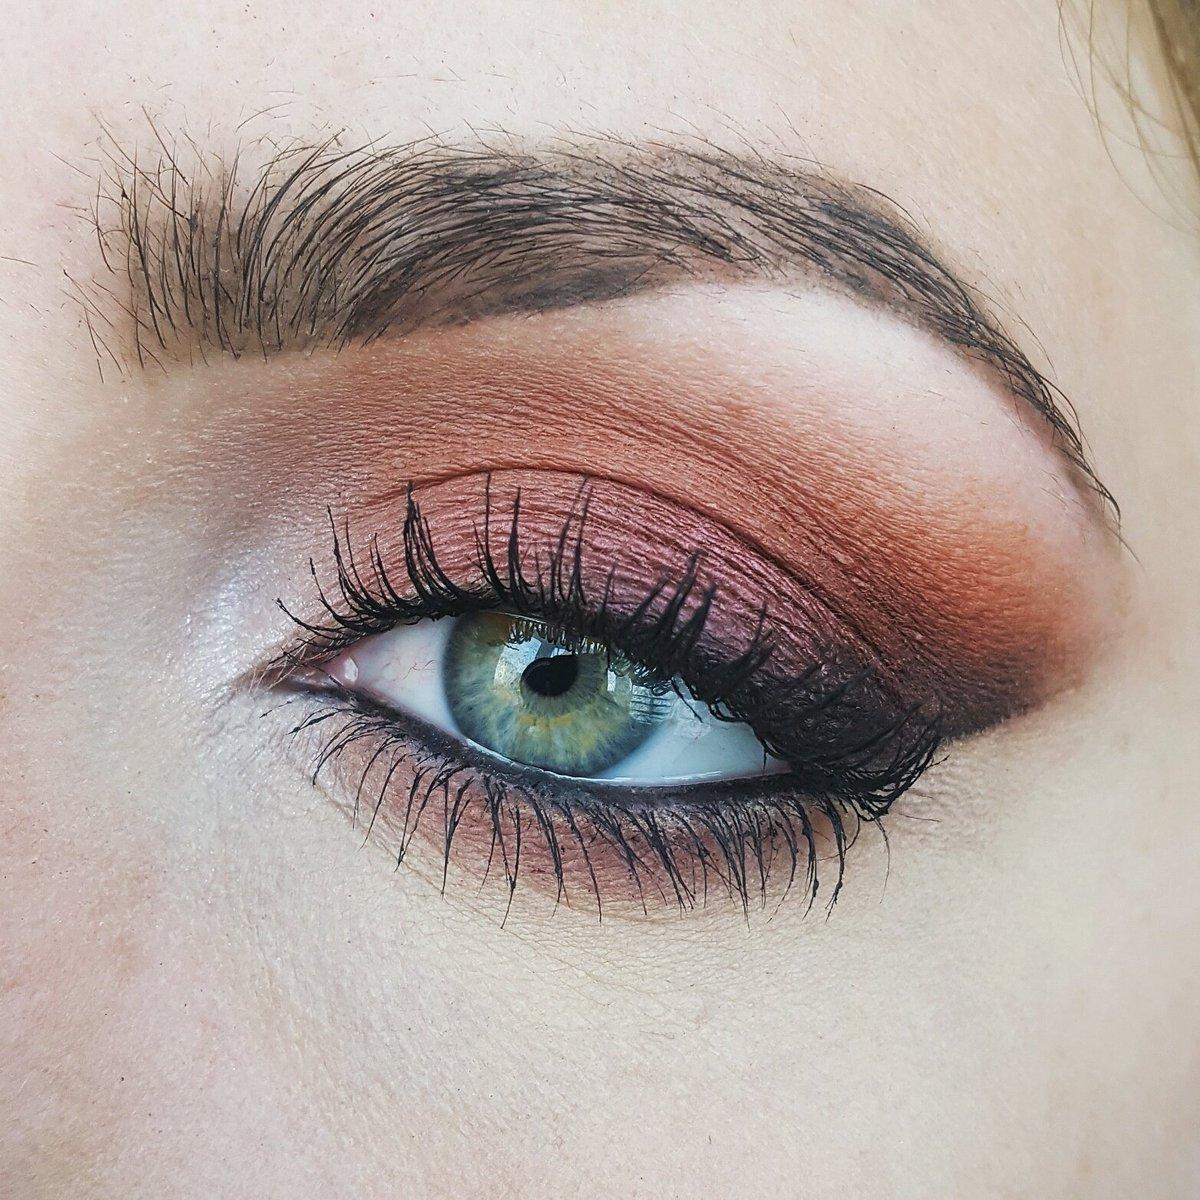 Corinna Fochler On Twitter Makeup Today Using Makeupgeek Shadows